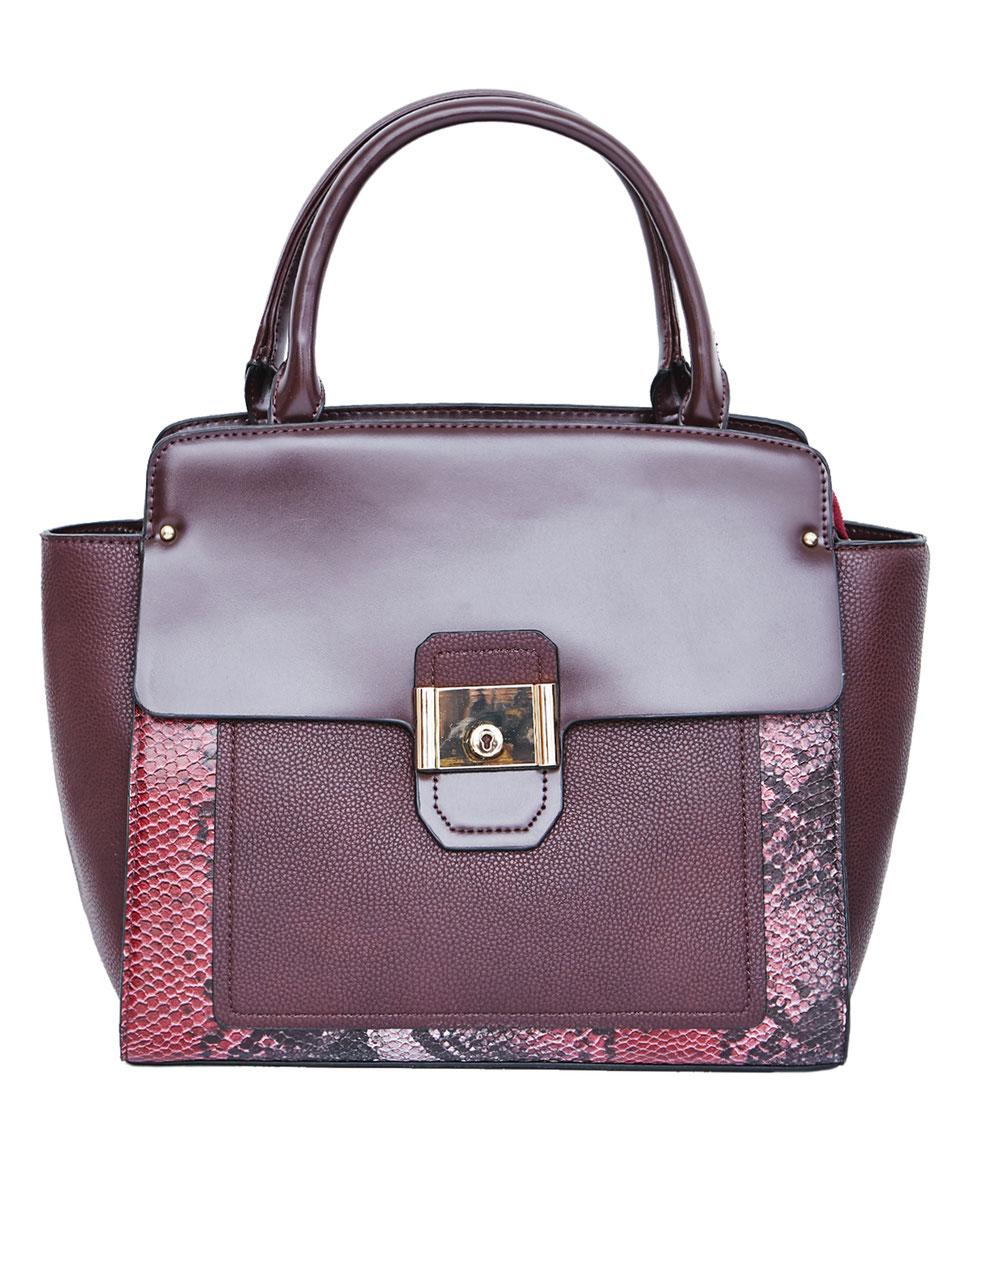 278c73f0289a9 Modische Designer Handtaschen - Mypepita.com